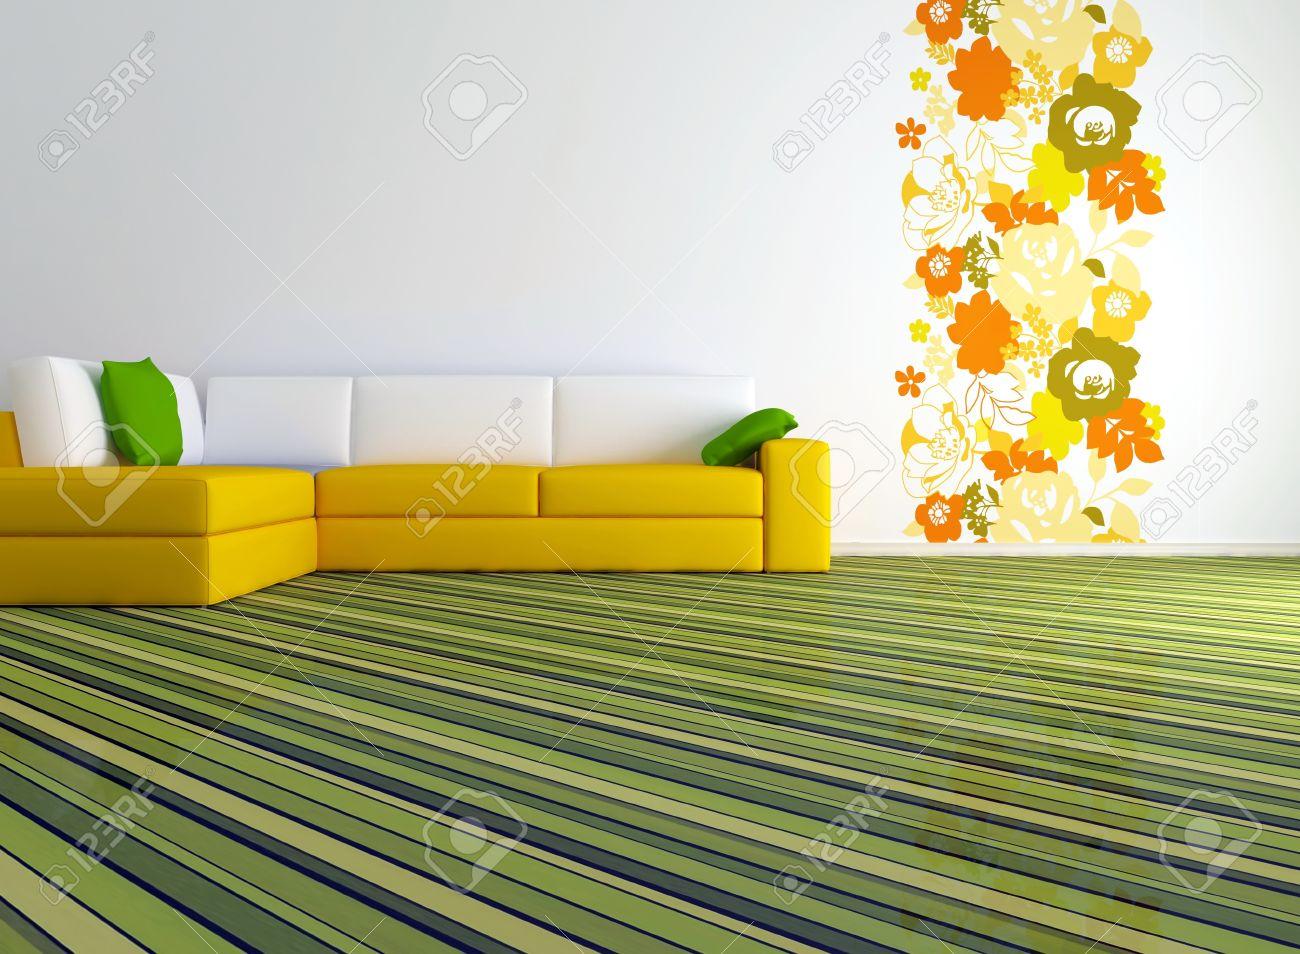 Licht interieur ontwerp van moderne woonkamer met grote gele bank ...